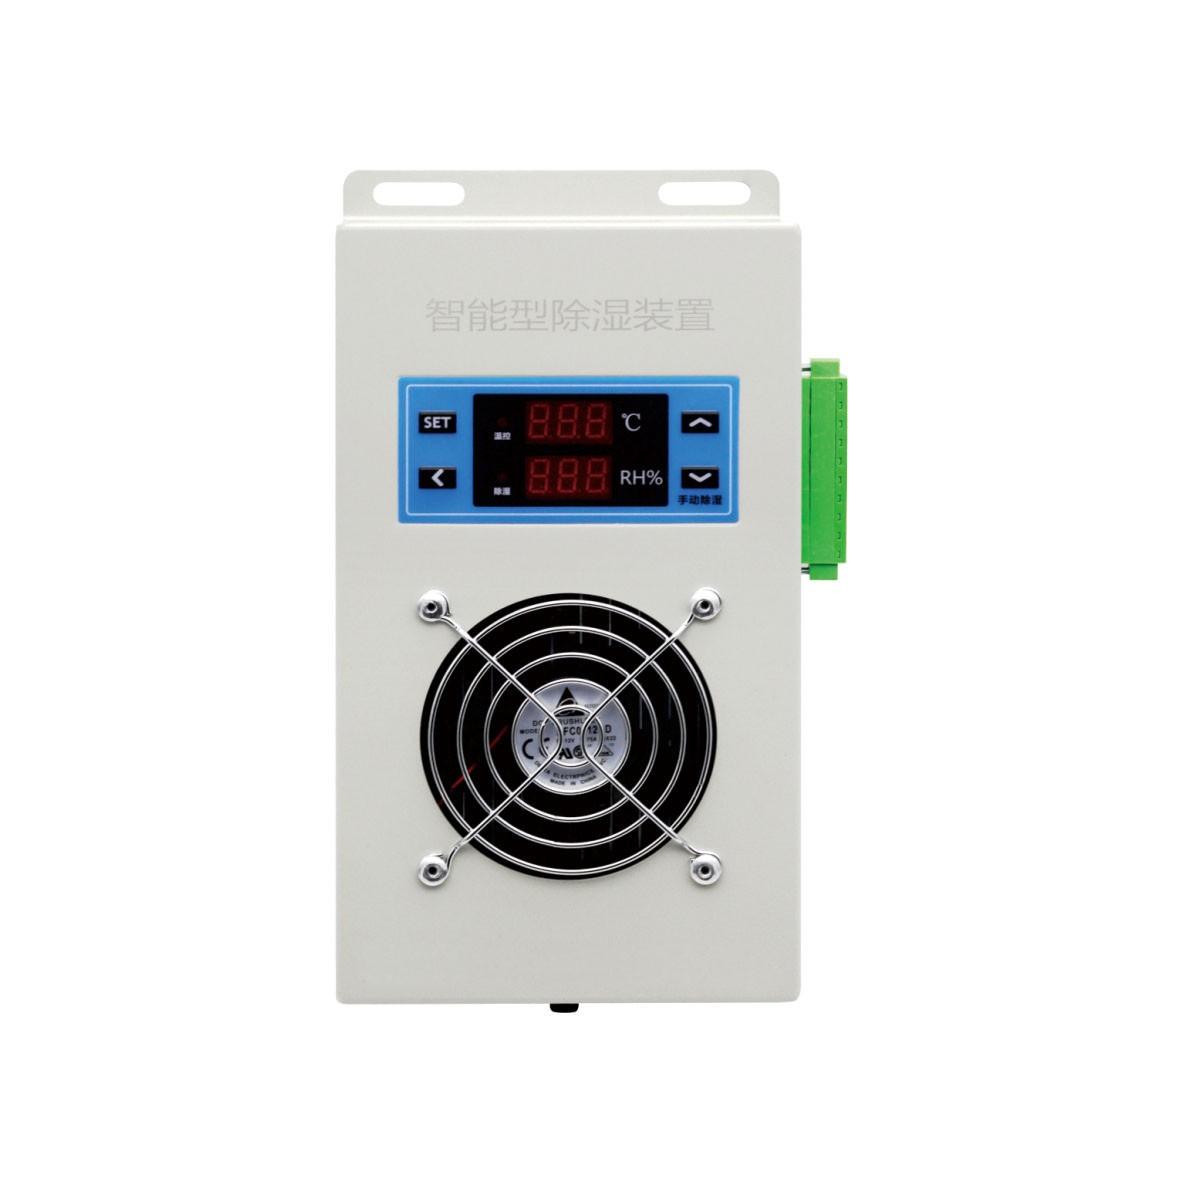 聊城VKZ900A开关柜状态智能操控装置